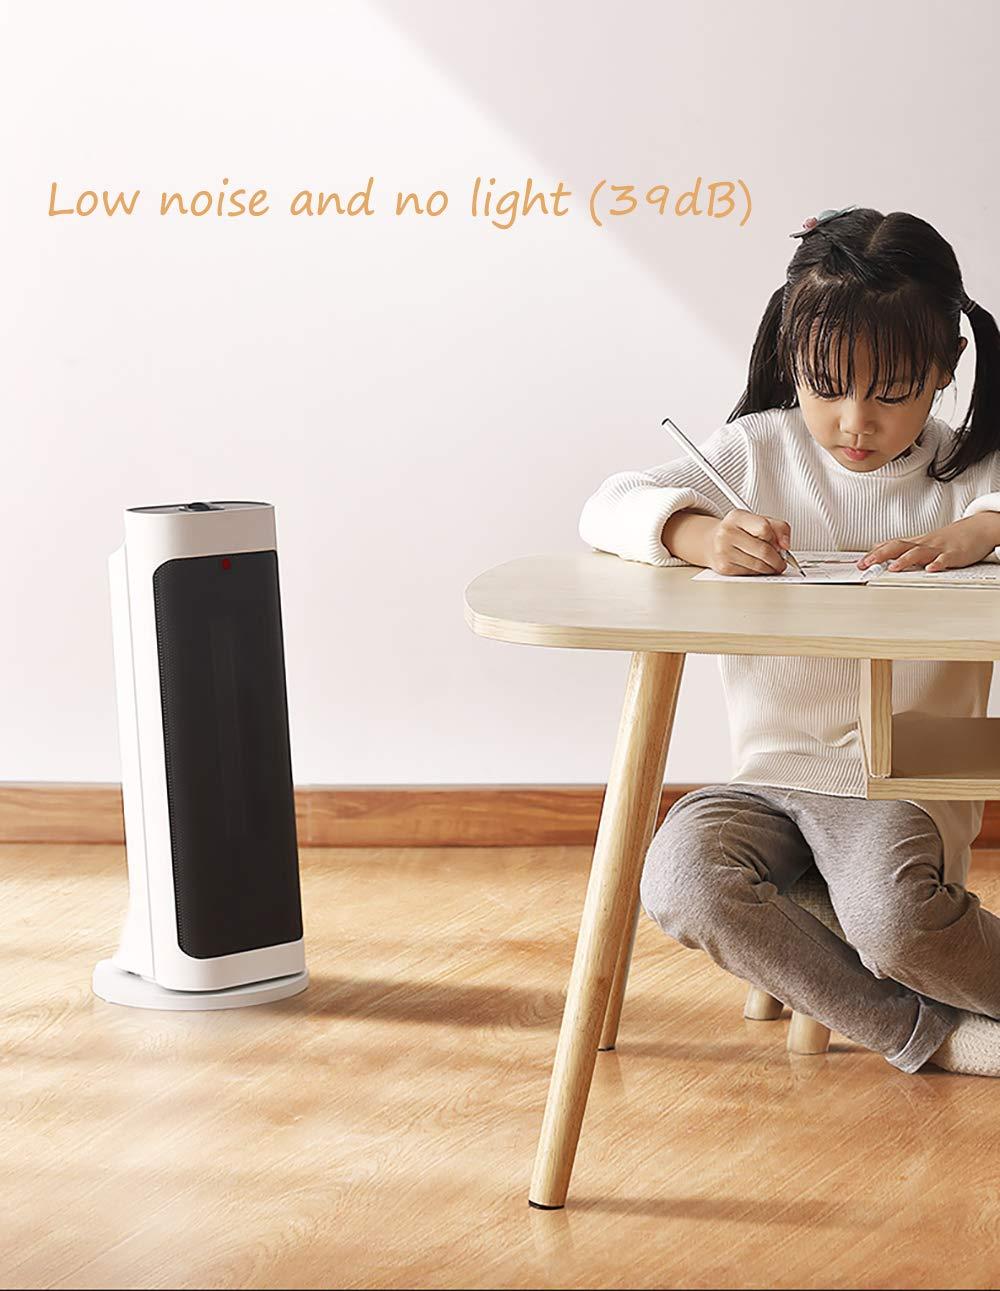 LANLAU Calentador, Ventilador De Calentador Personal Eléctrico con Oscilación Automática, Viento Cálido/Frío para… 3